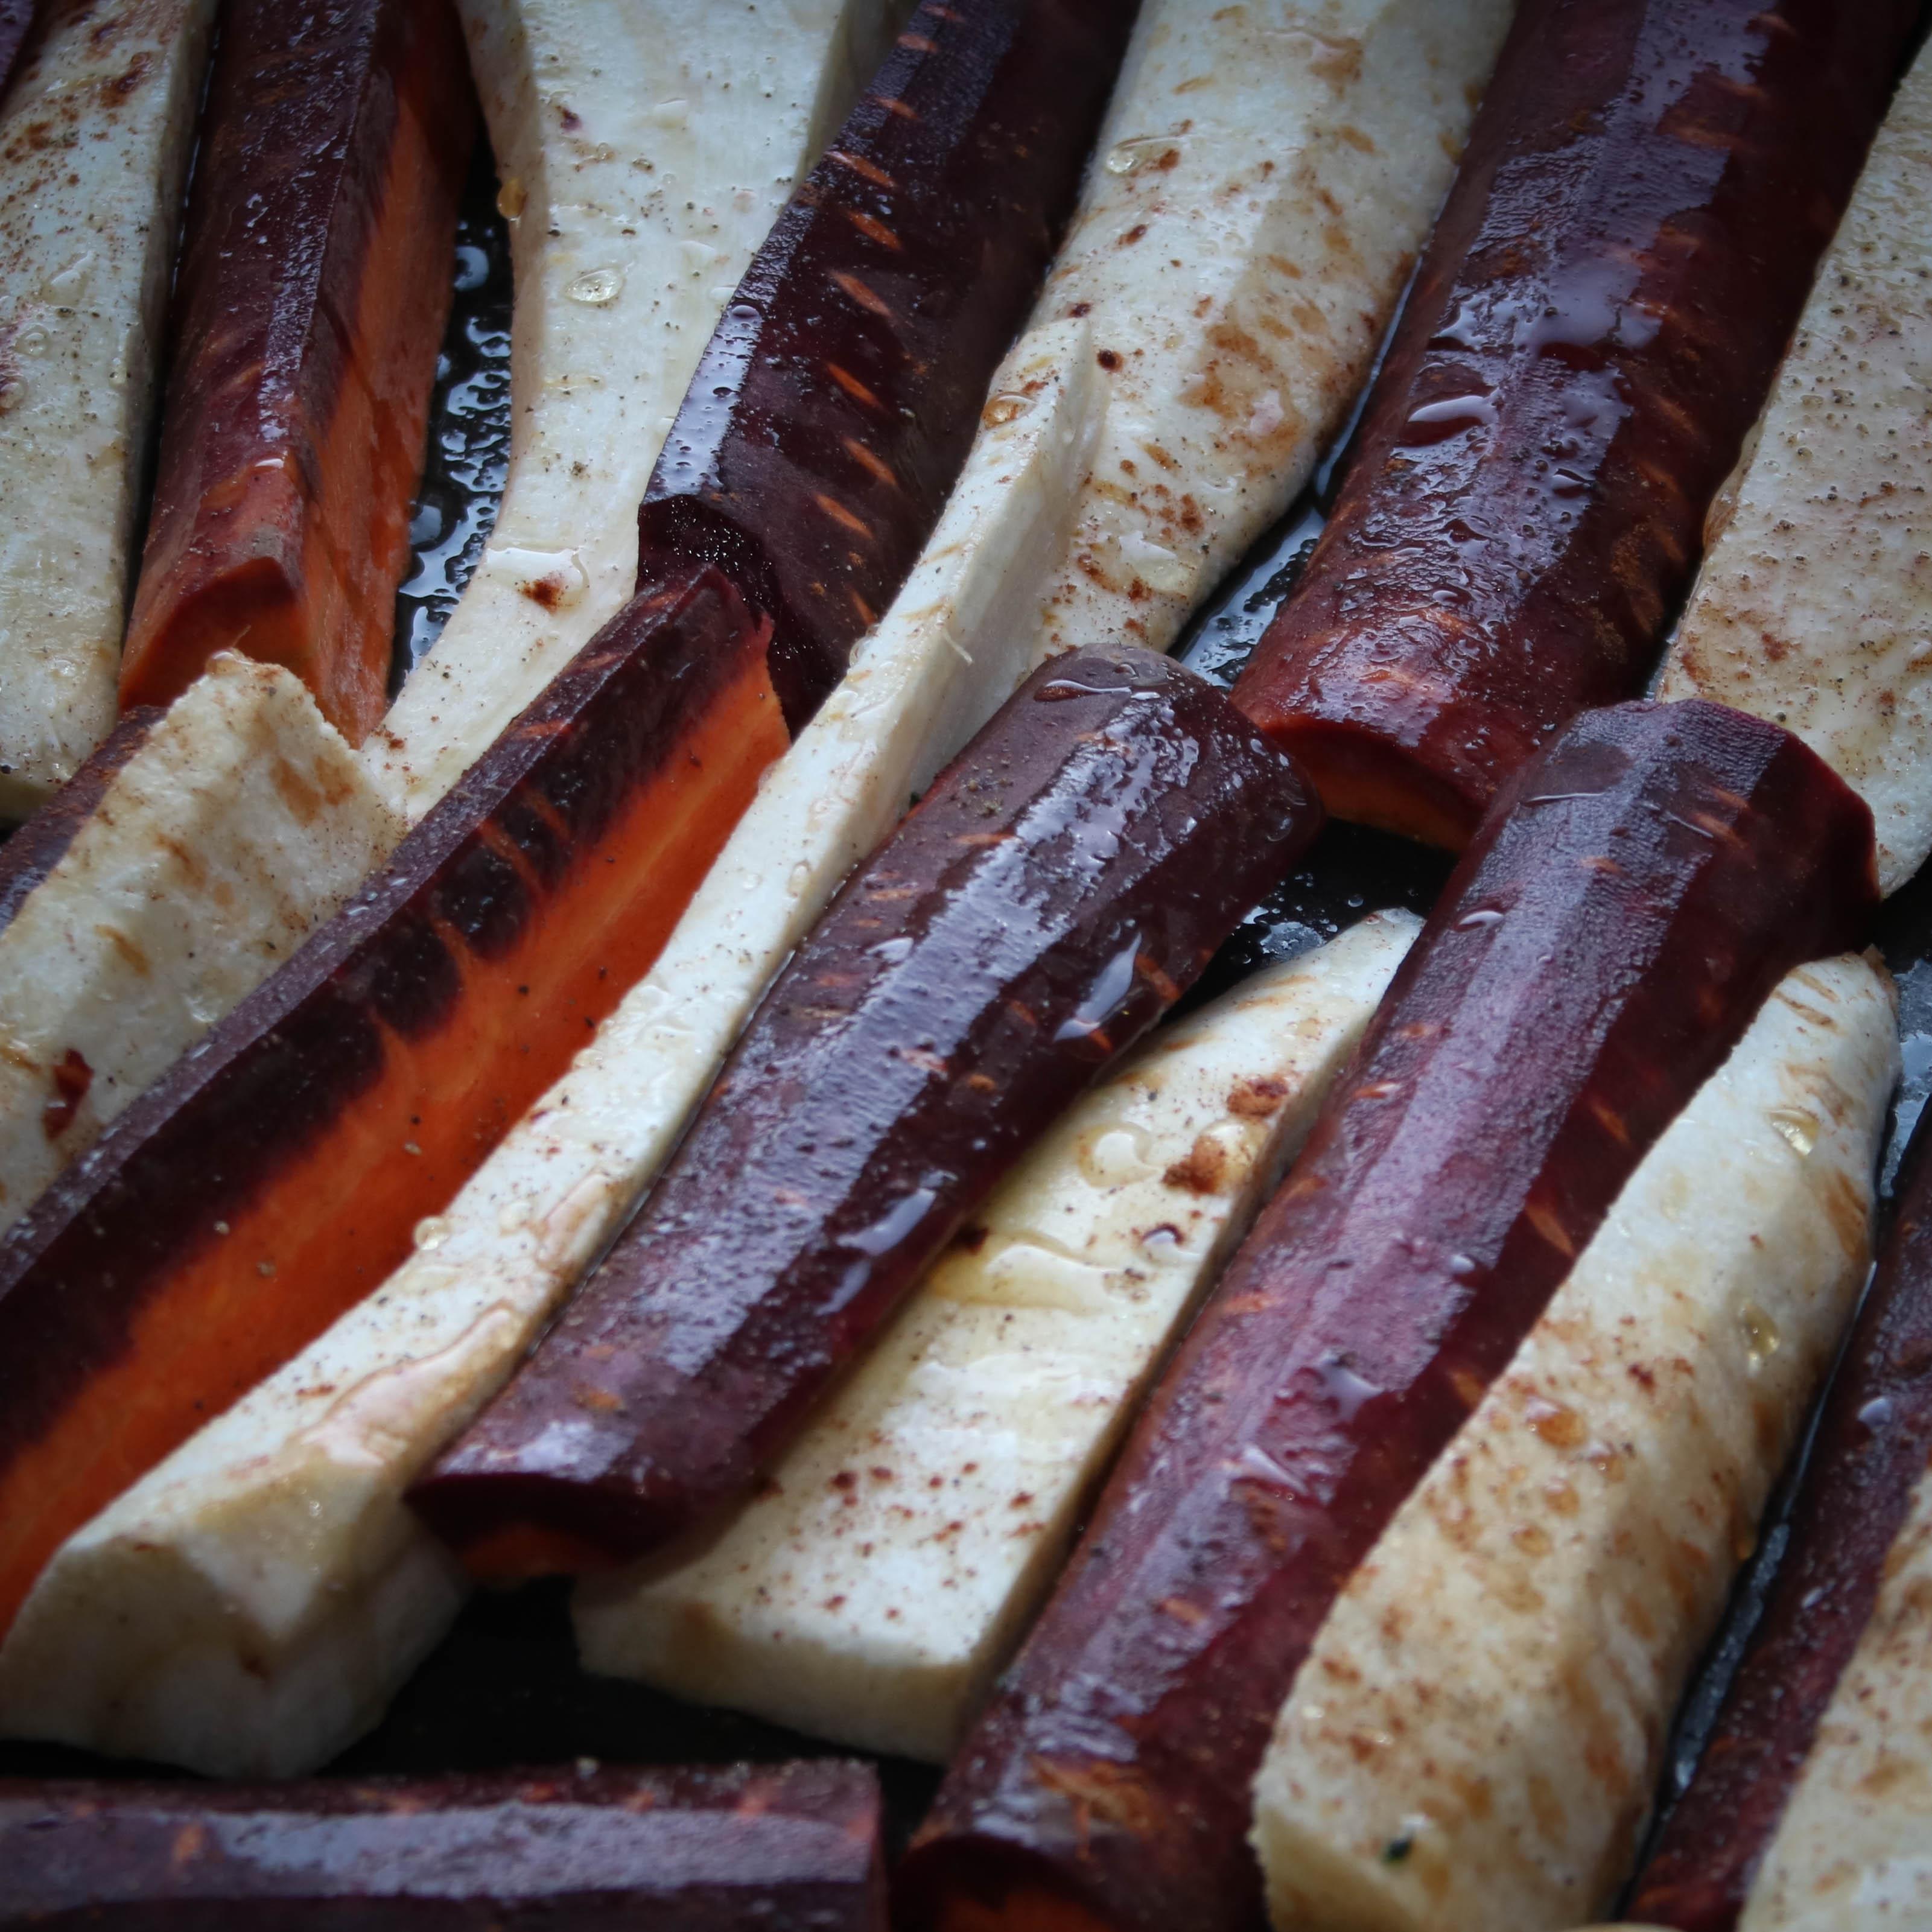 Parsnip: Cinnamon roasted